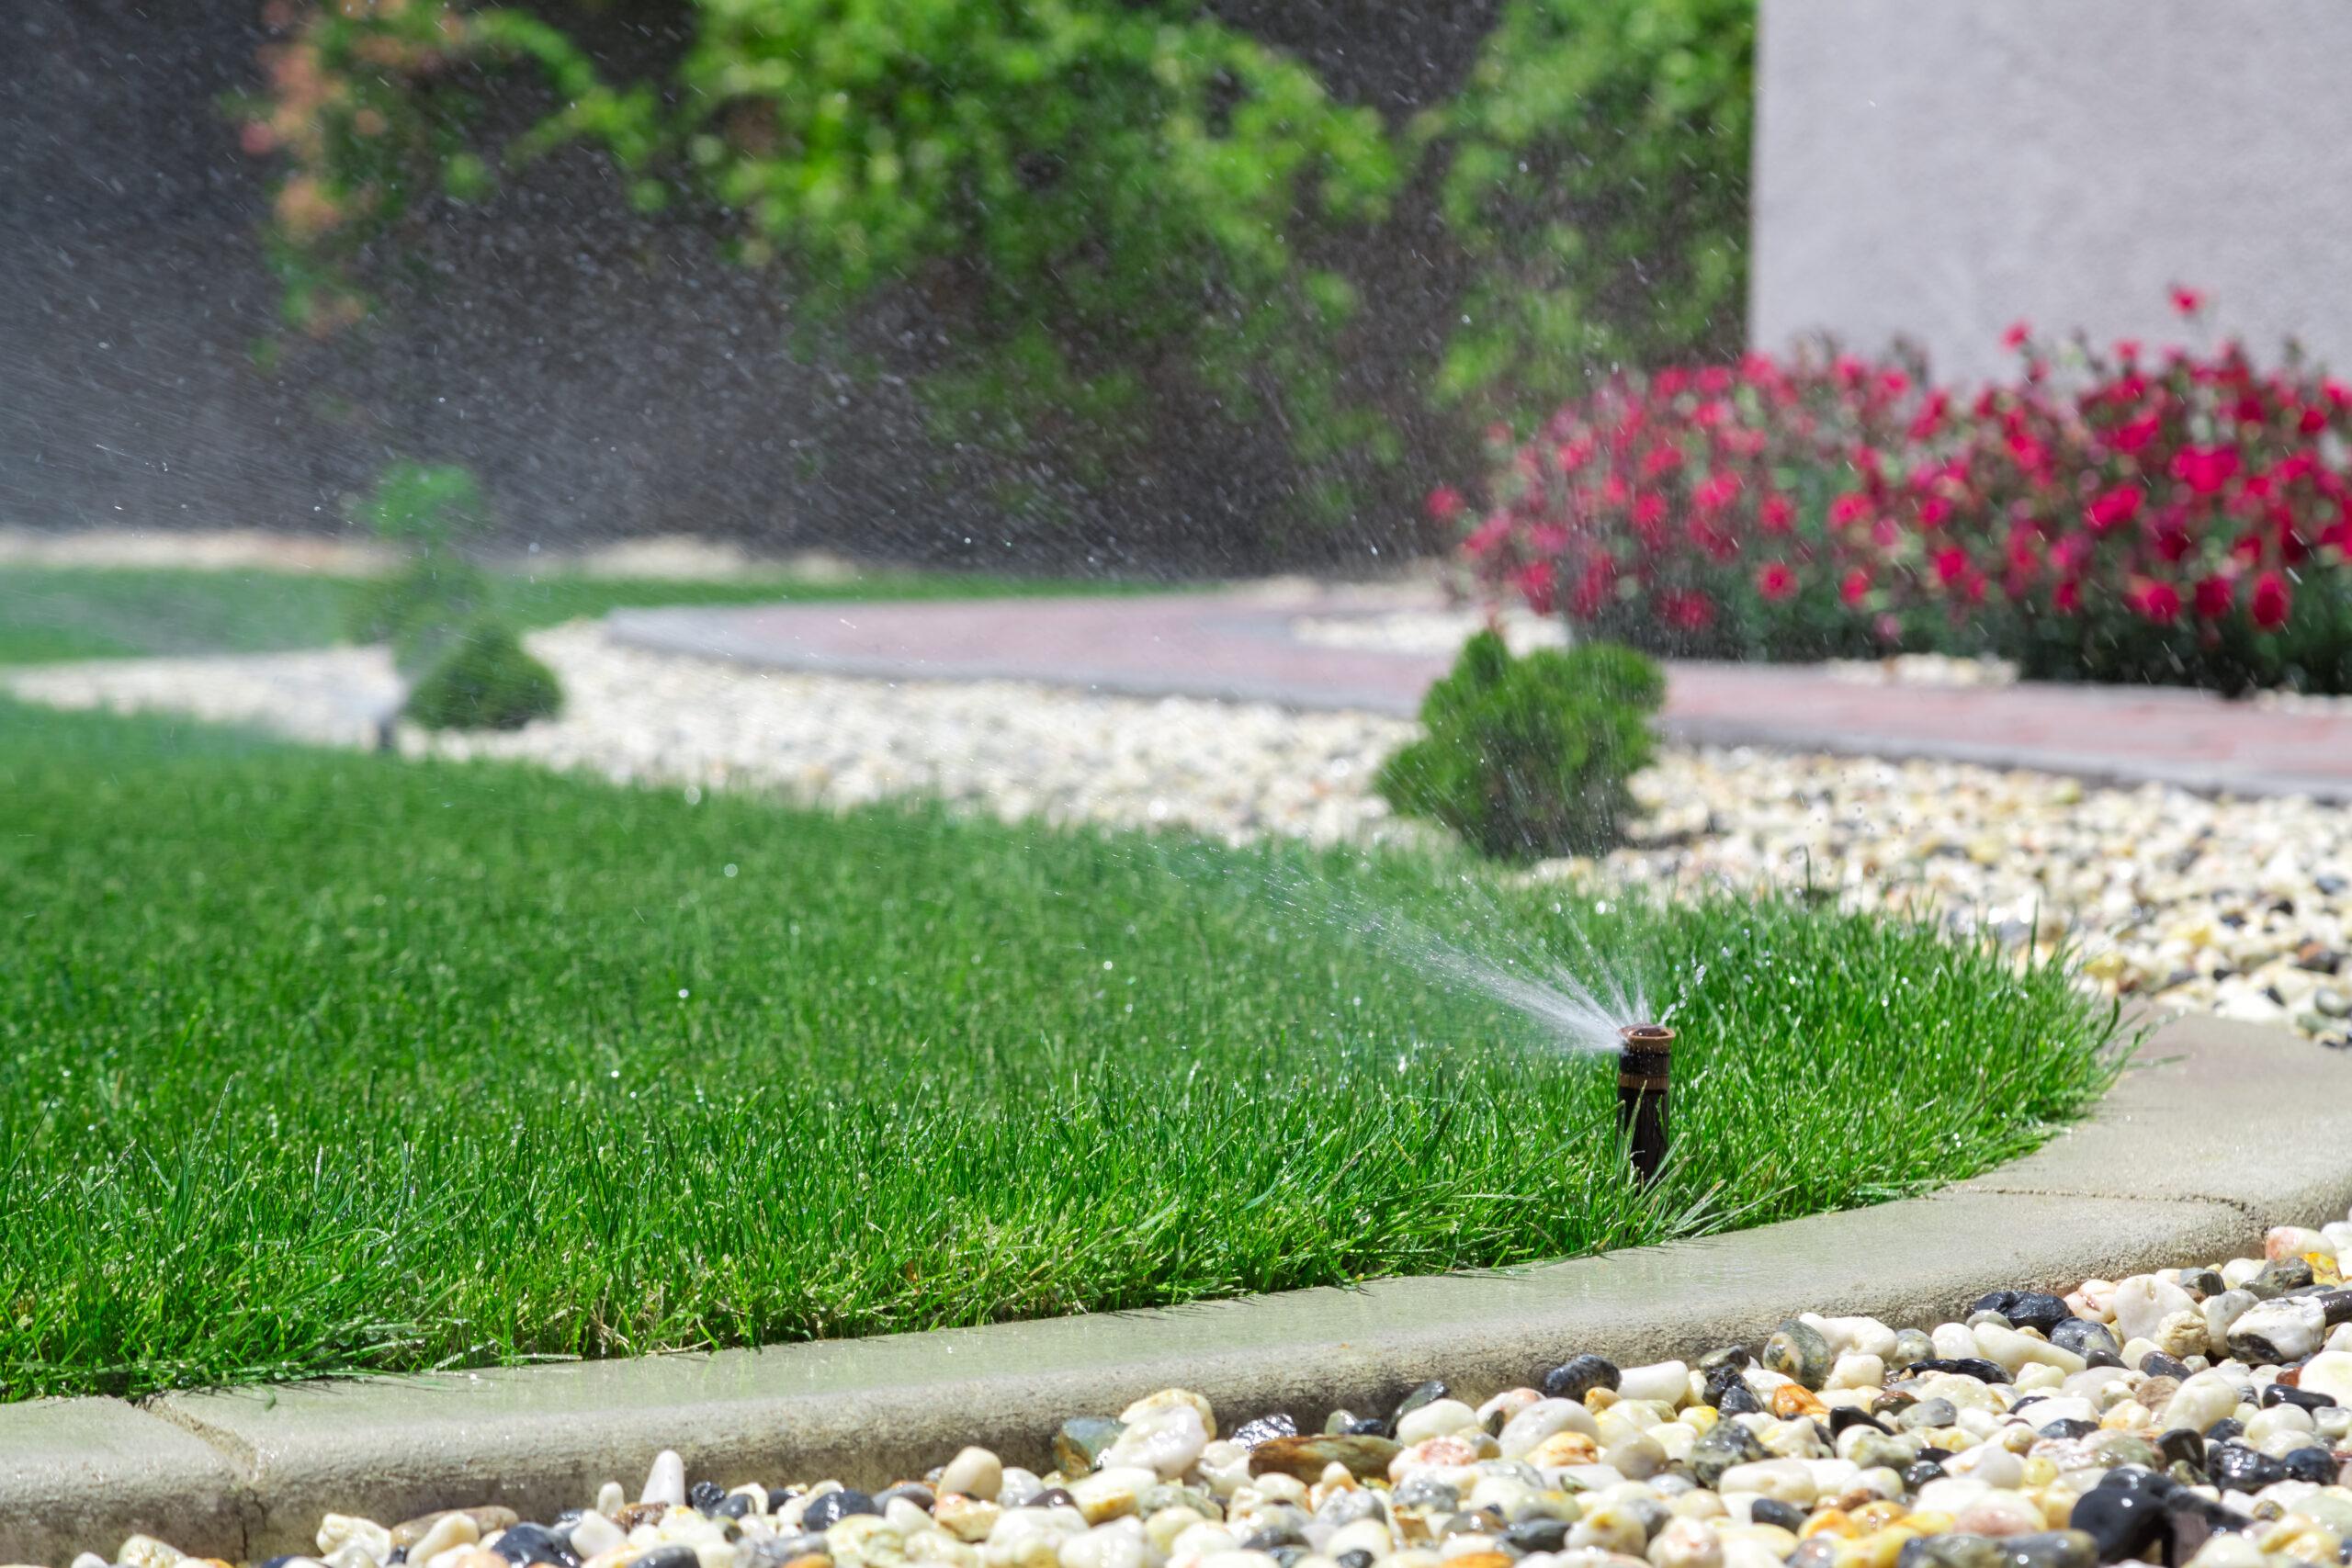 Lawn Sprinkler System   Landscape Improvements